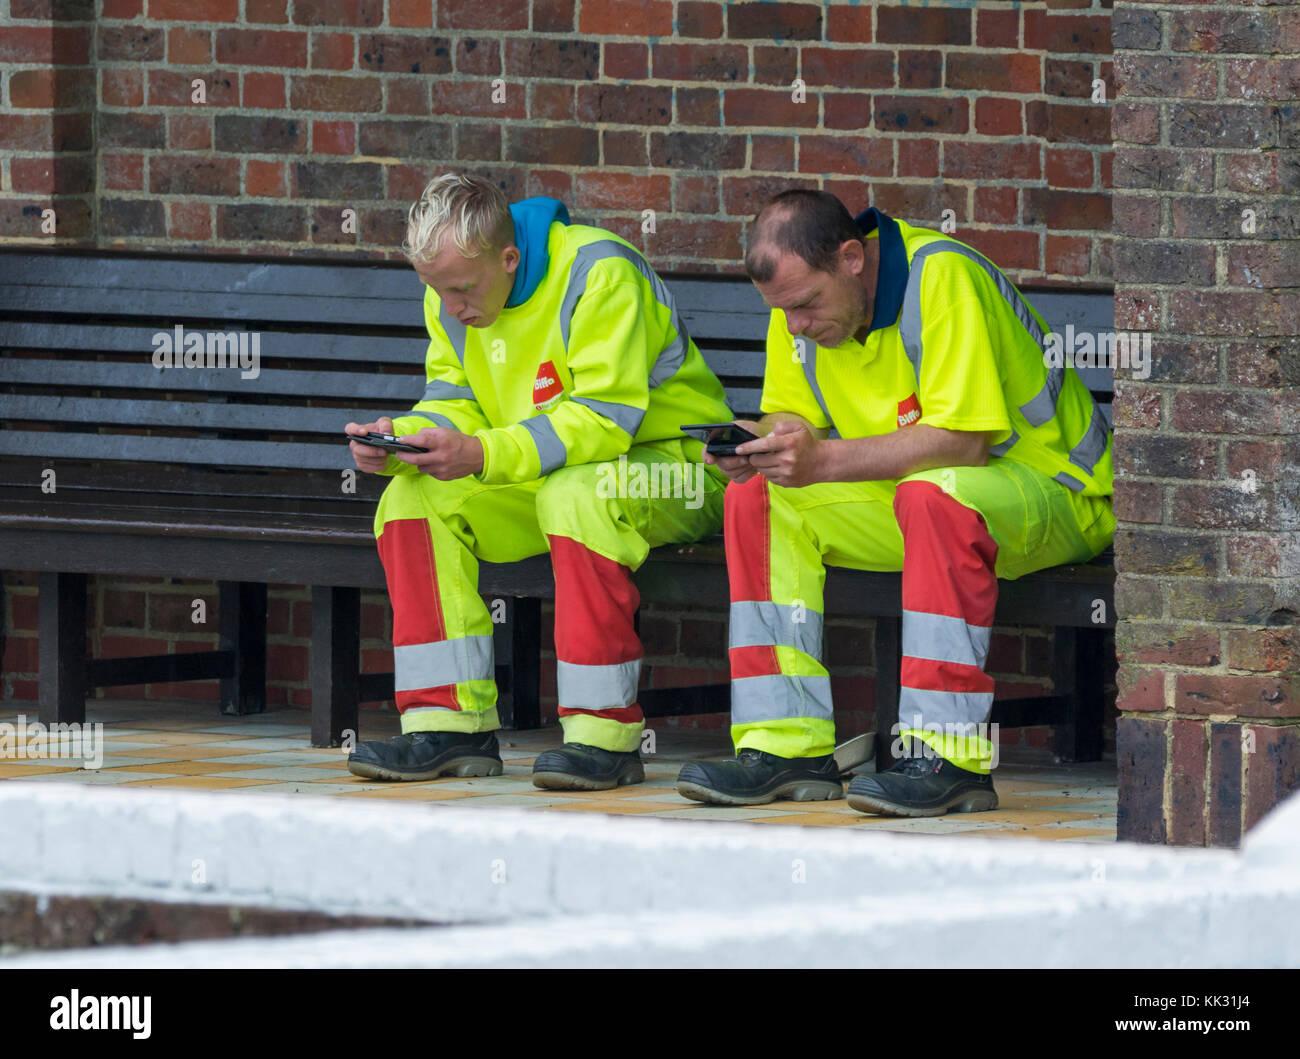 Coppia di operai di sesso maschile seduto prendendo una pausa durante l'utilizzo di telefoni cellulari. Immagini Stock